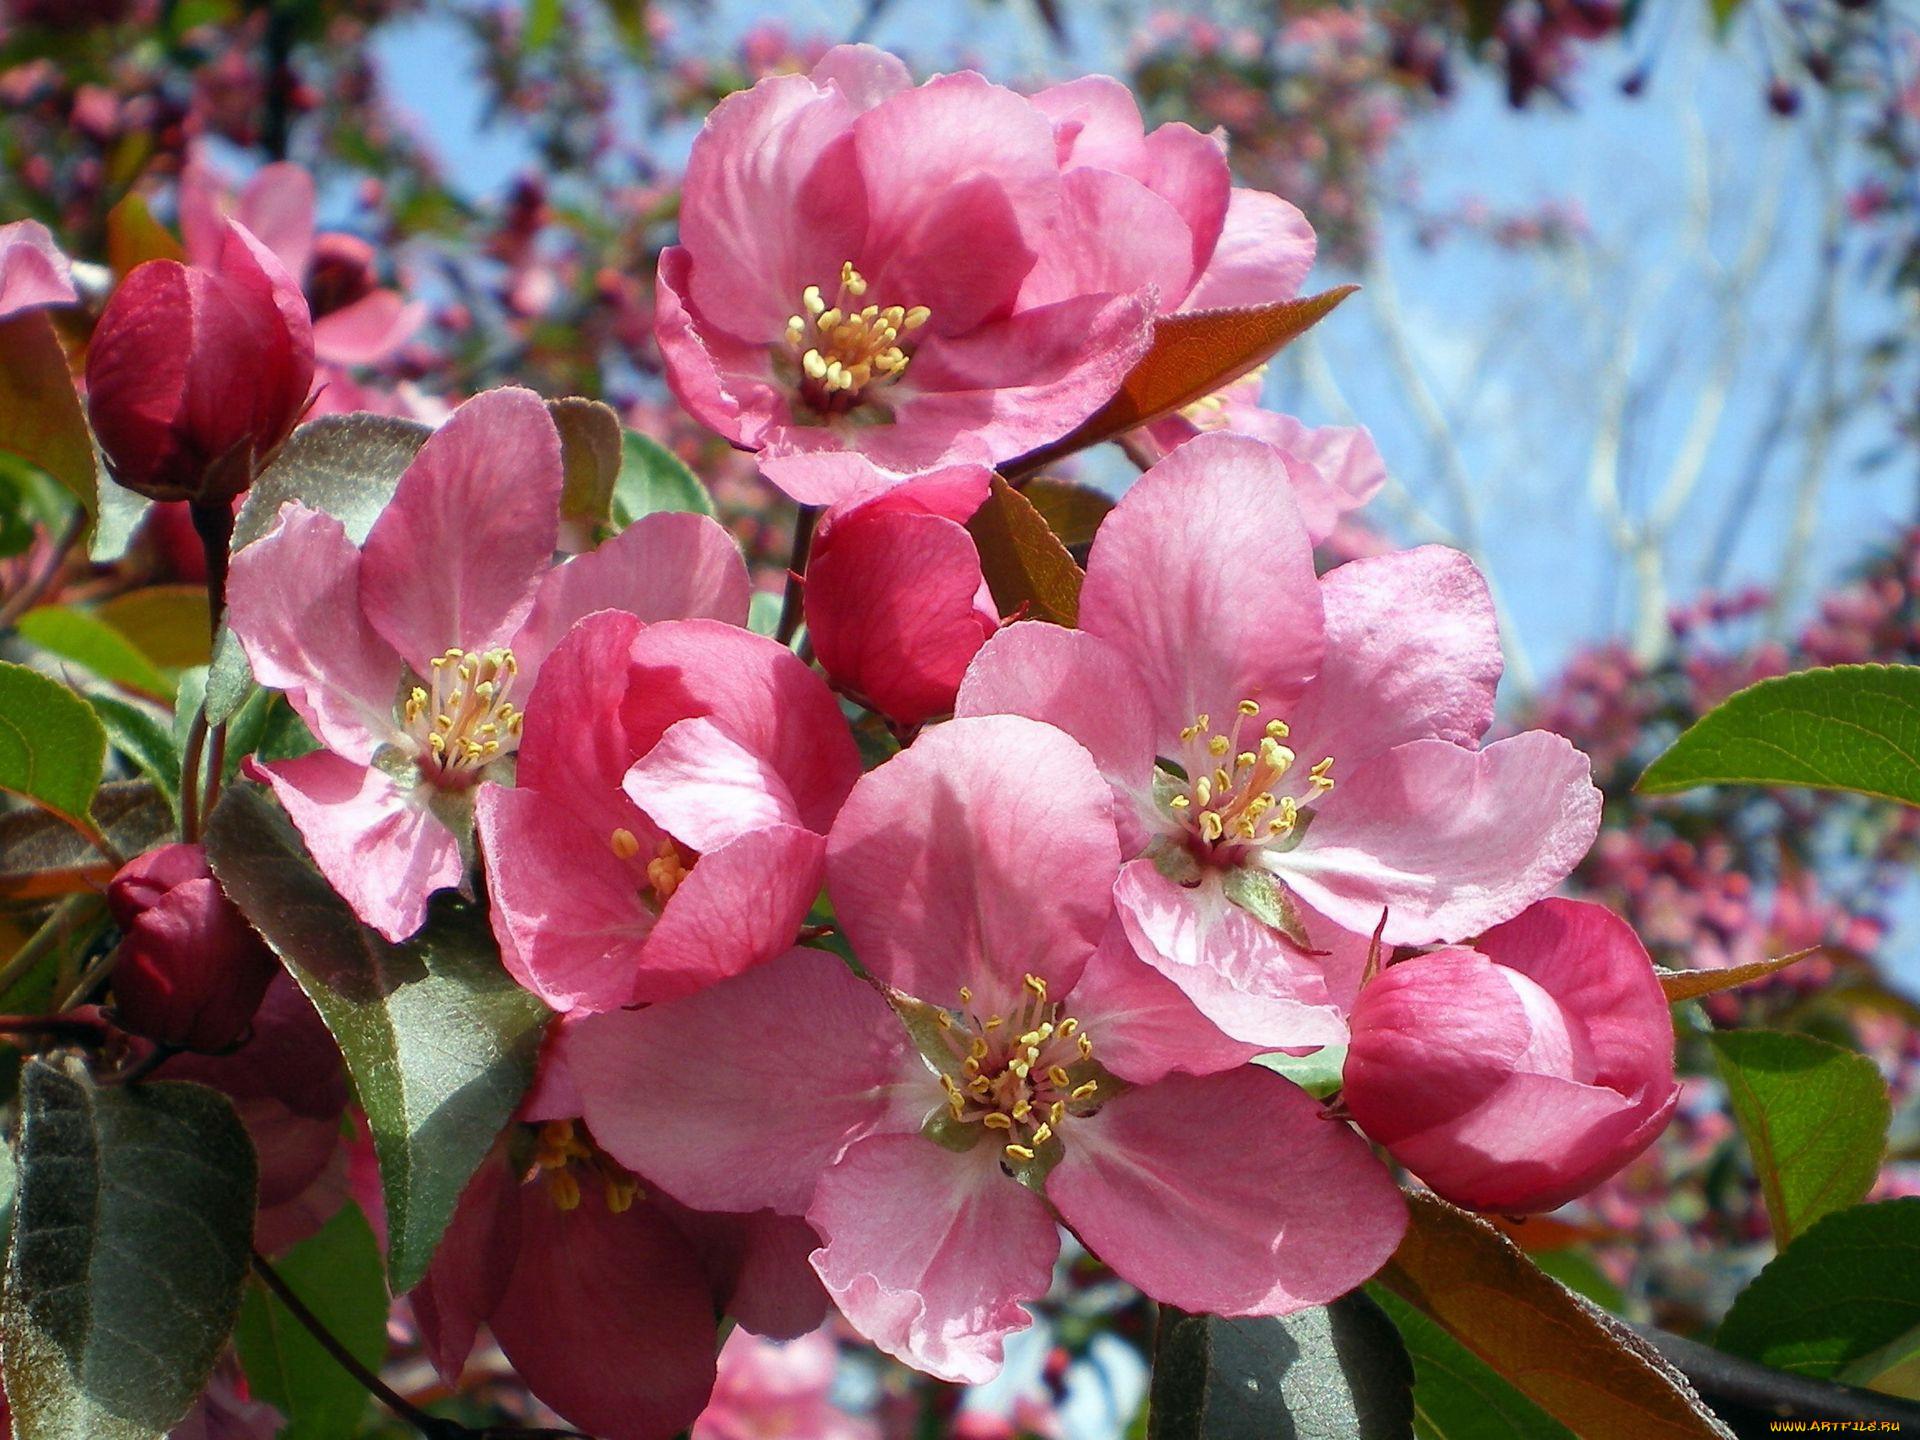 Фото розовых цветов яблони